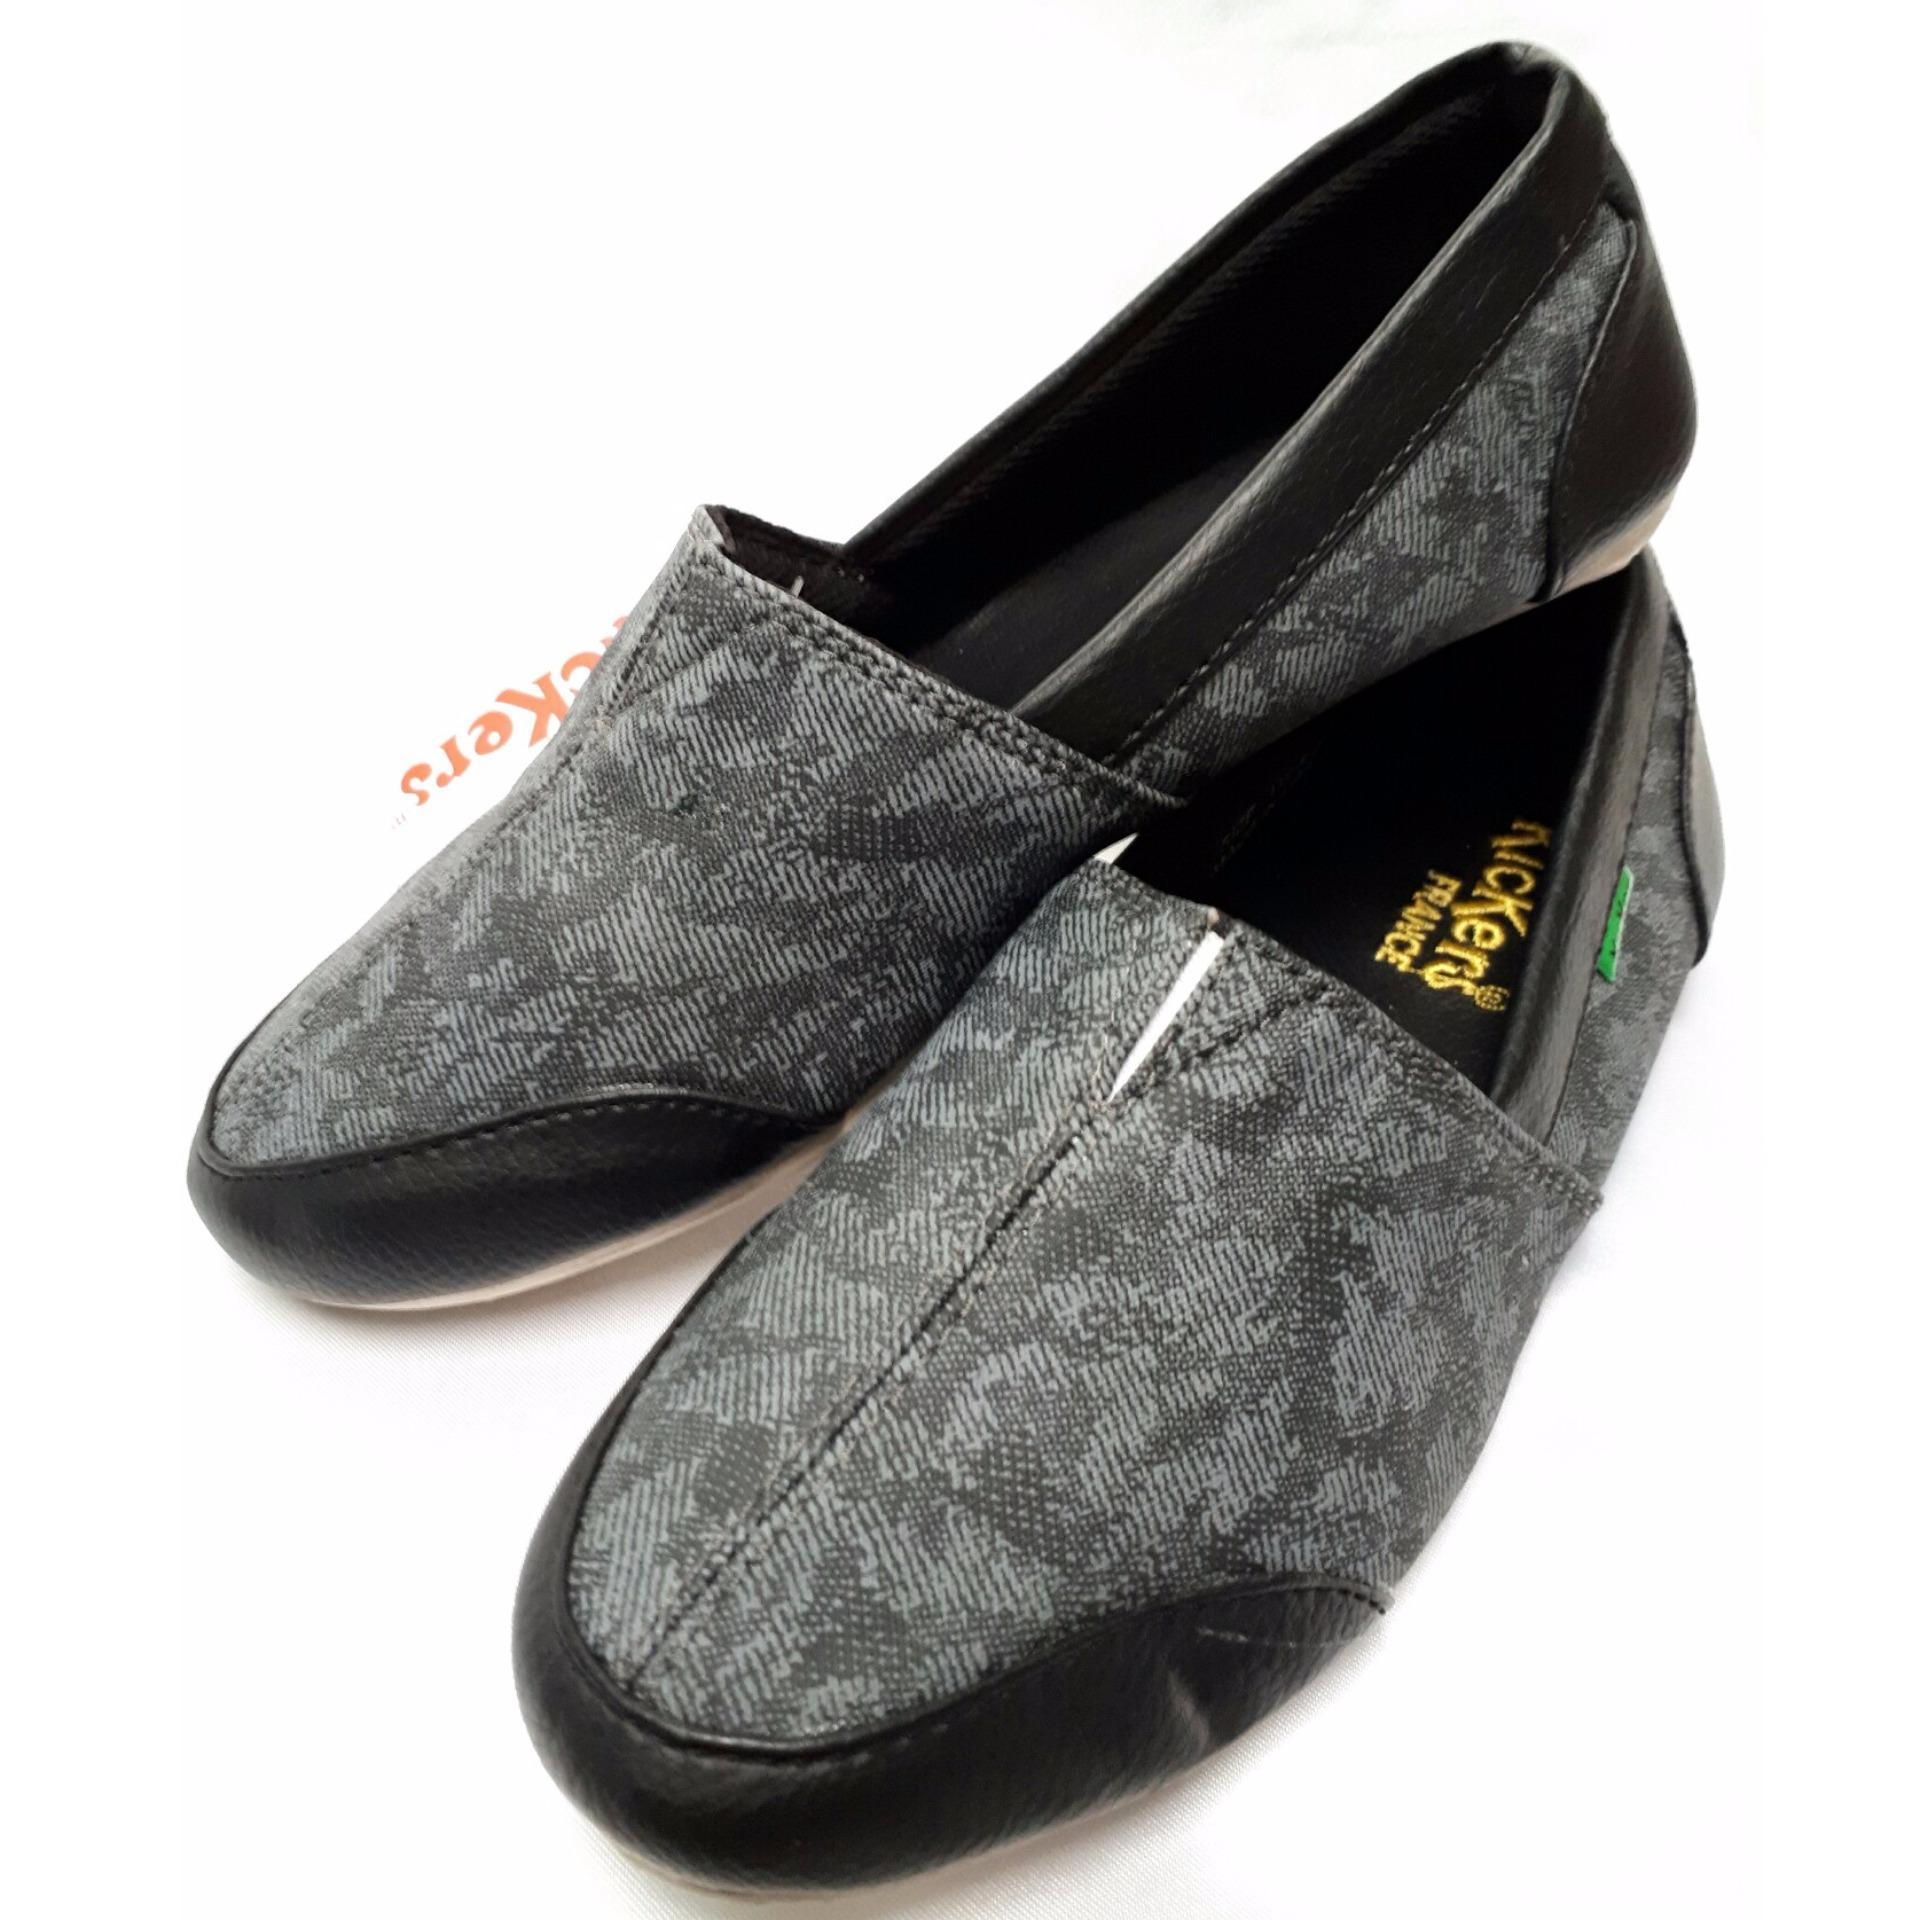 Spesifikasi Sepatu Santai Slip On Kickers Yg Baik